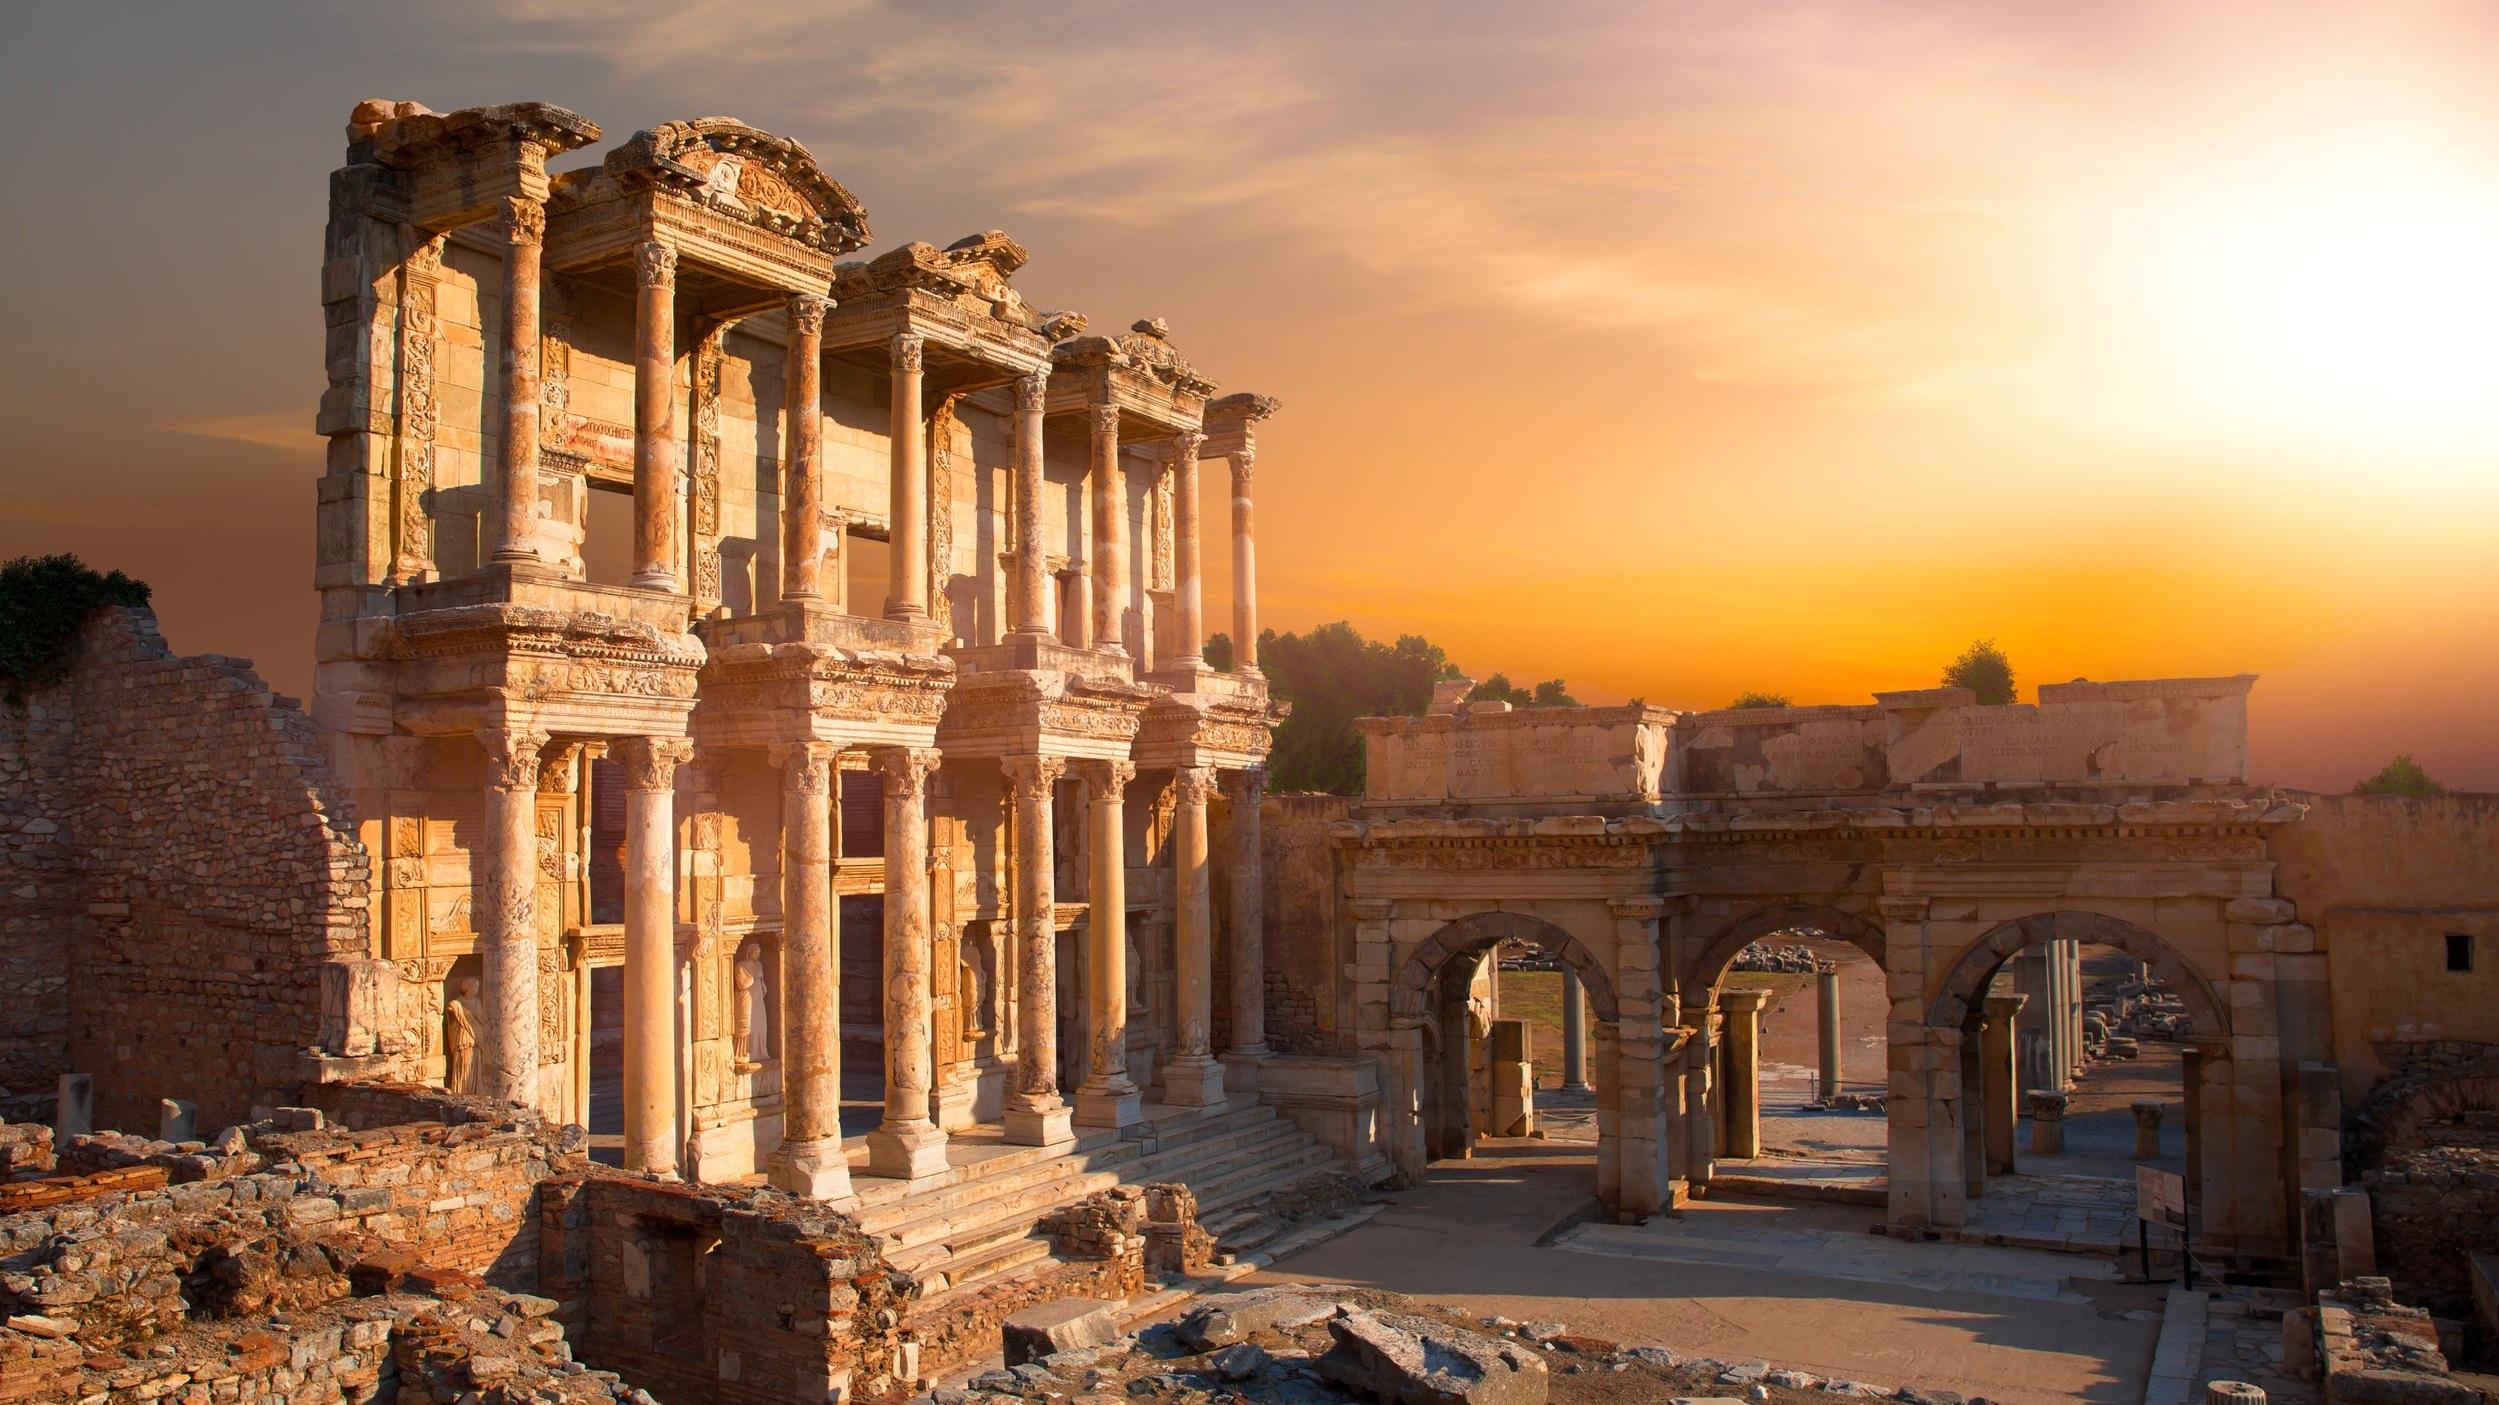 Visit the 7 Churches of Revelation & Isle of Patmos